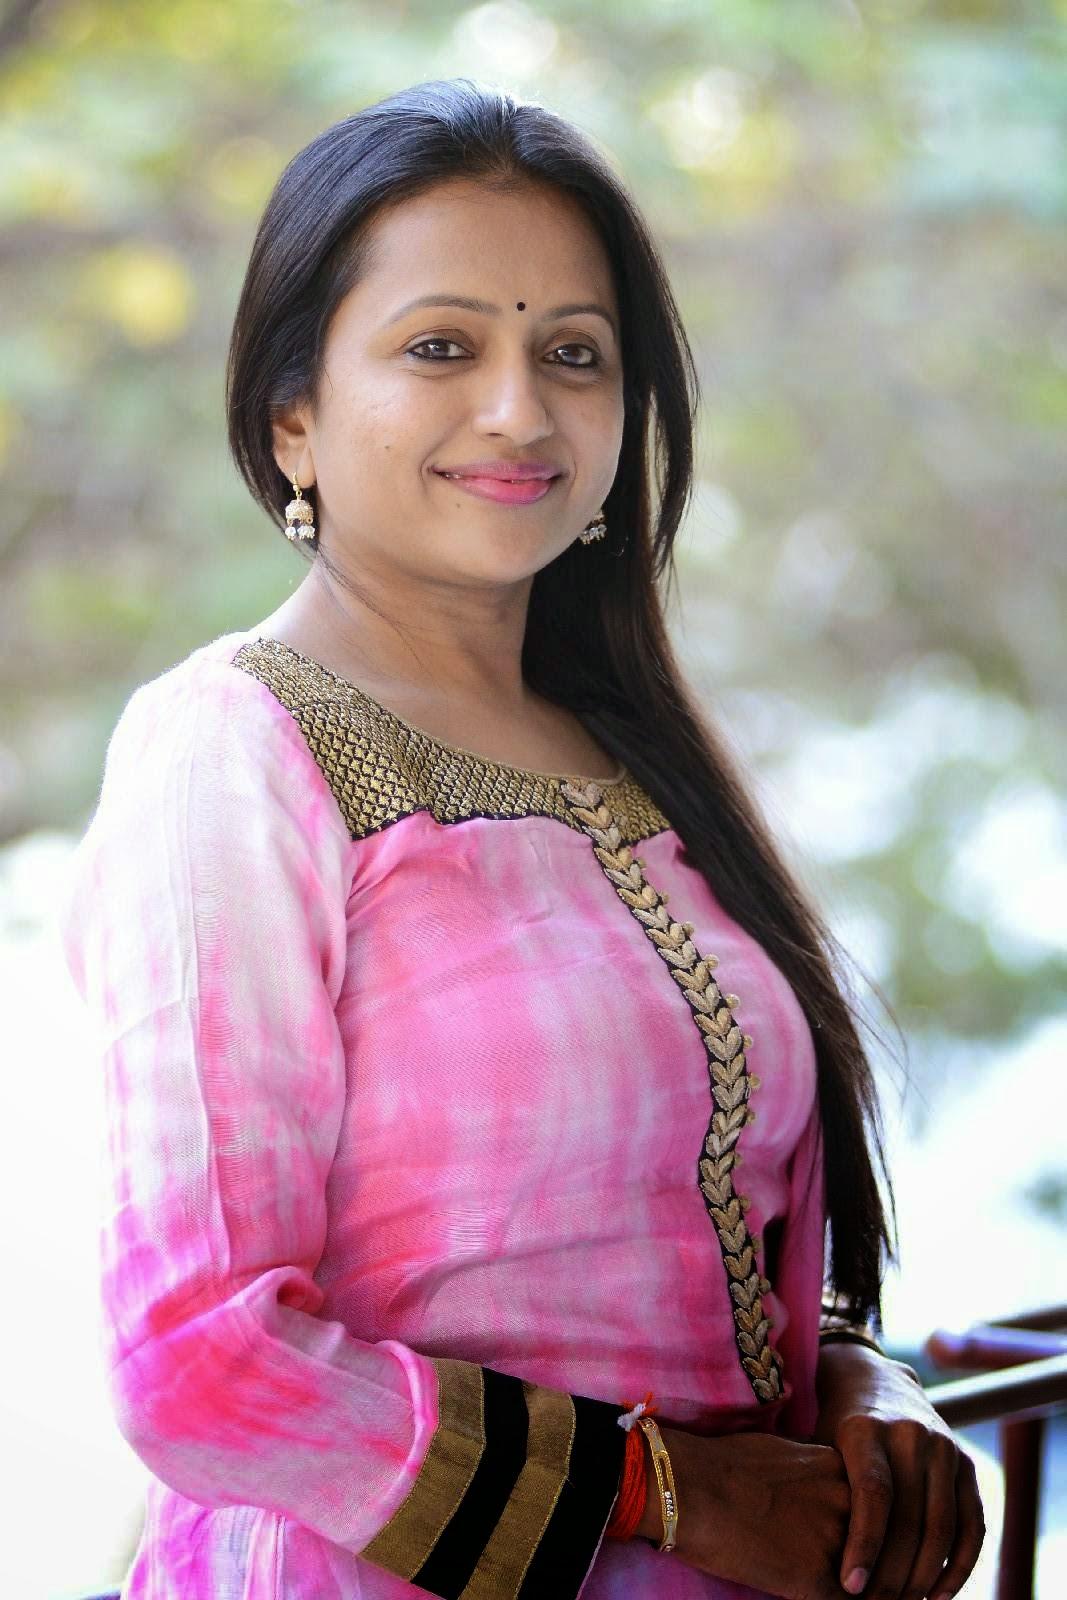 S, Suma, Suma cute photo Gallery, Telugu Movie Actress, Tollywood Actress, HD Actress Gallery, latest Actress HD Photo Gallery, Latest actress Stills, Indian Actress, Actress HD Photo Gallery, Anchor Suma Latest Cute Photo HD Galleryz